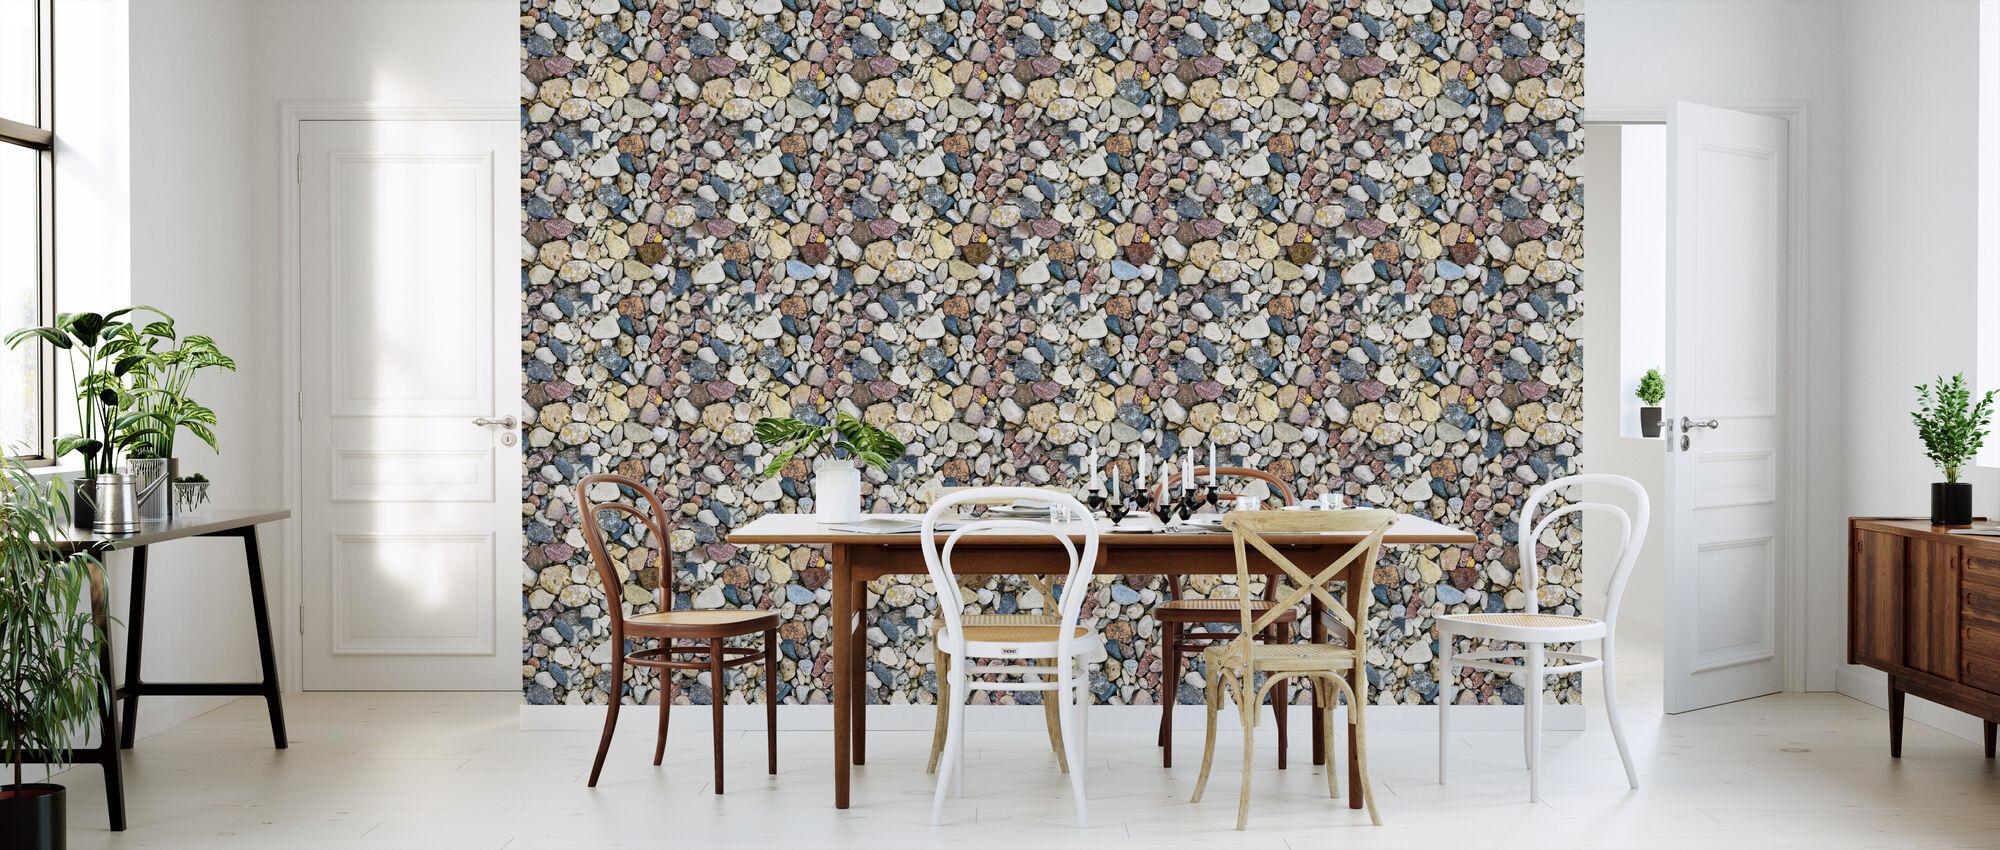 Colorful Sea Stones - Wallpaper - Kitchen